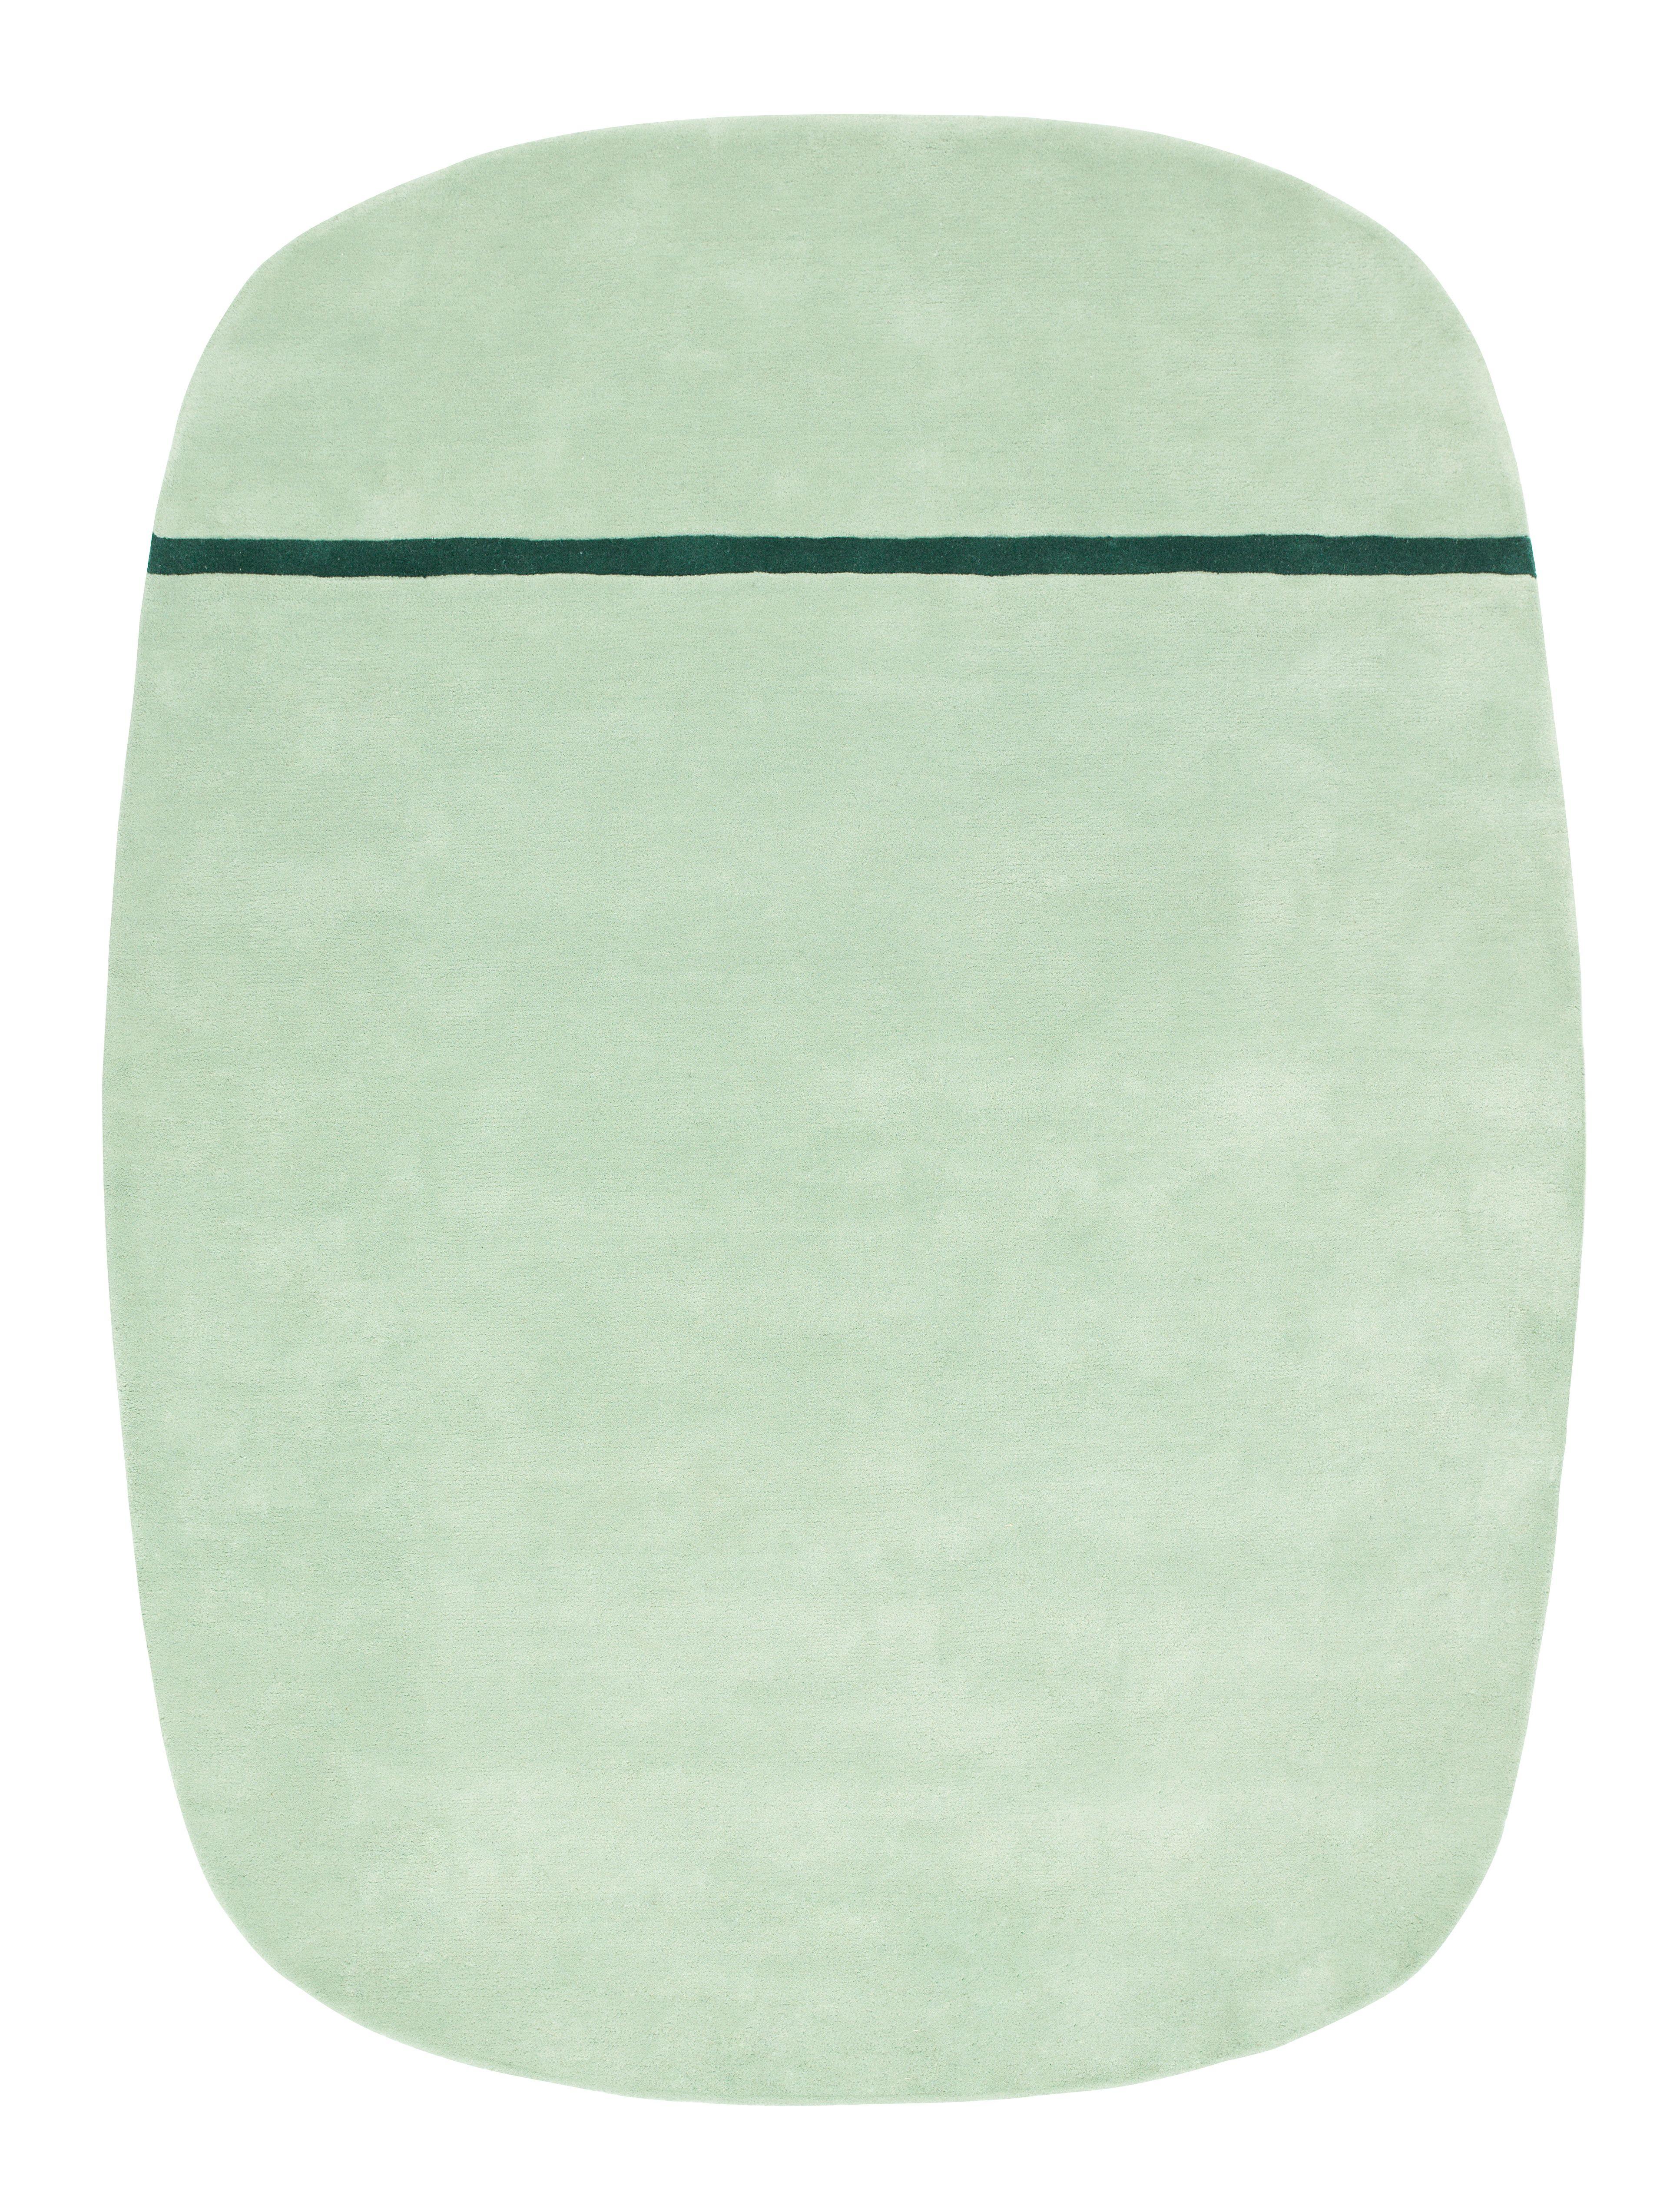 Normann Copenhagen Oona vloerkleed mint large 240x175 kopen